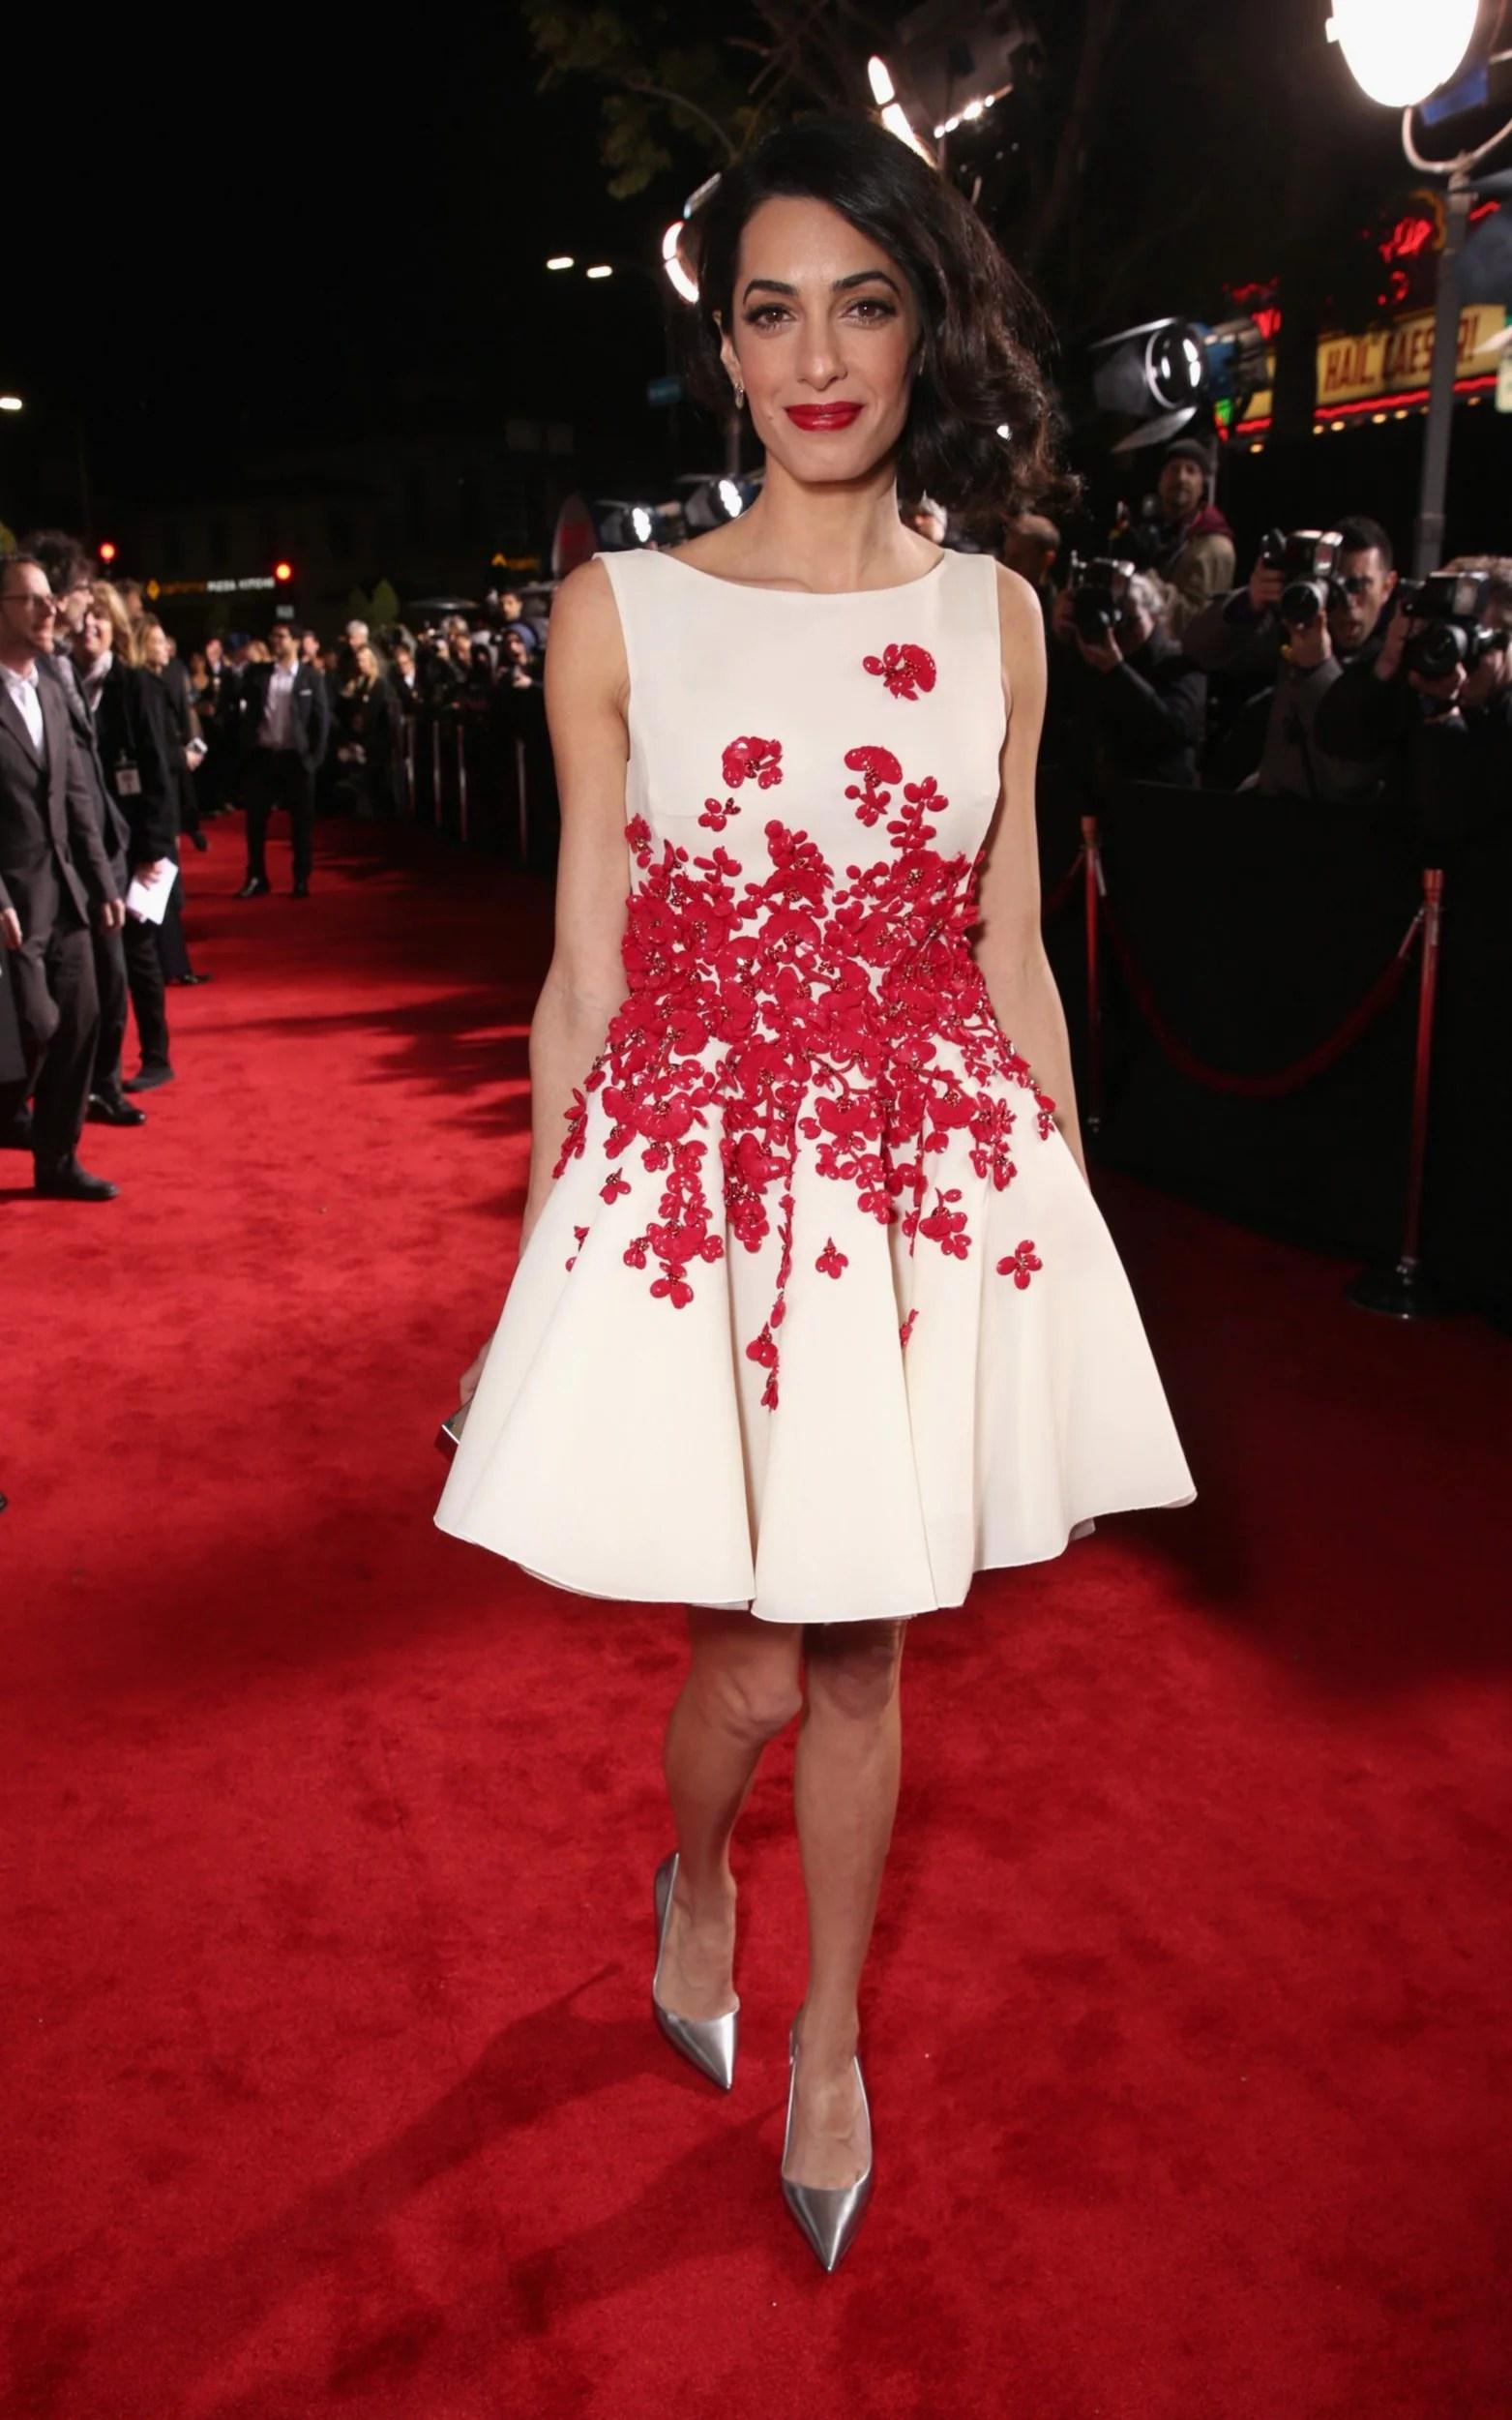 Amal Clooney wears Giambattista Valli